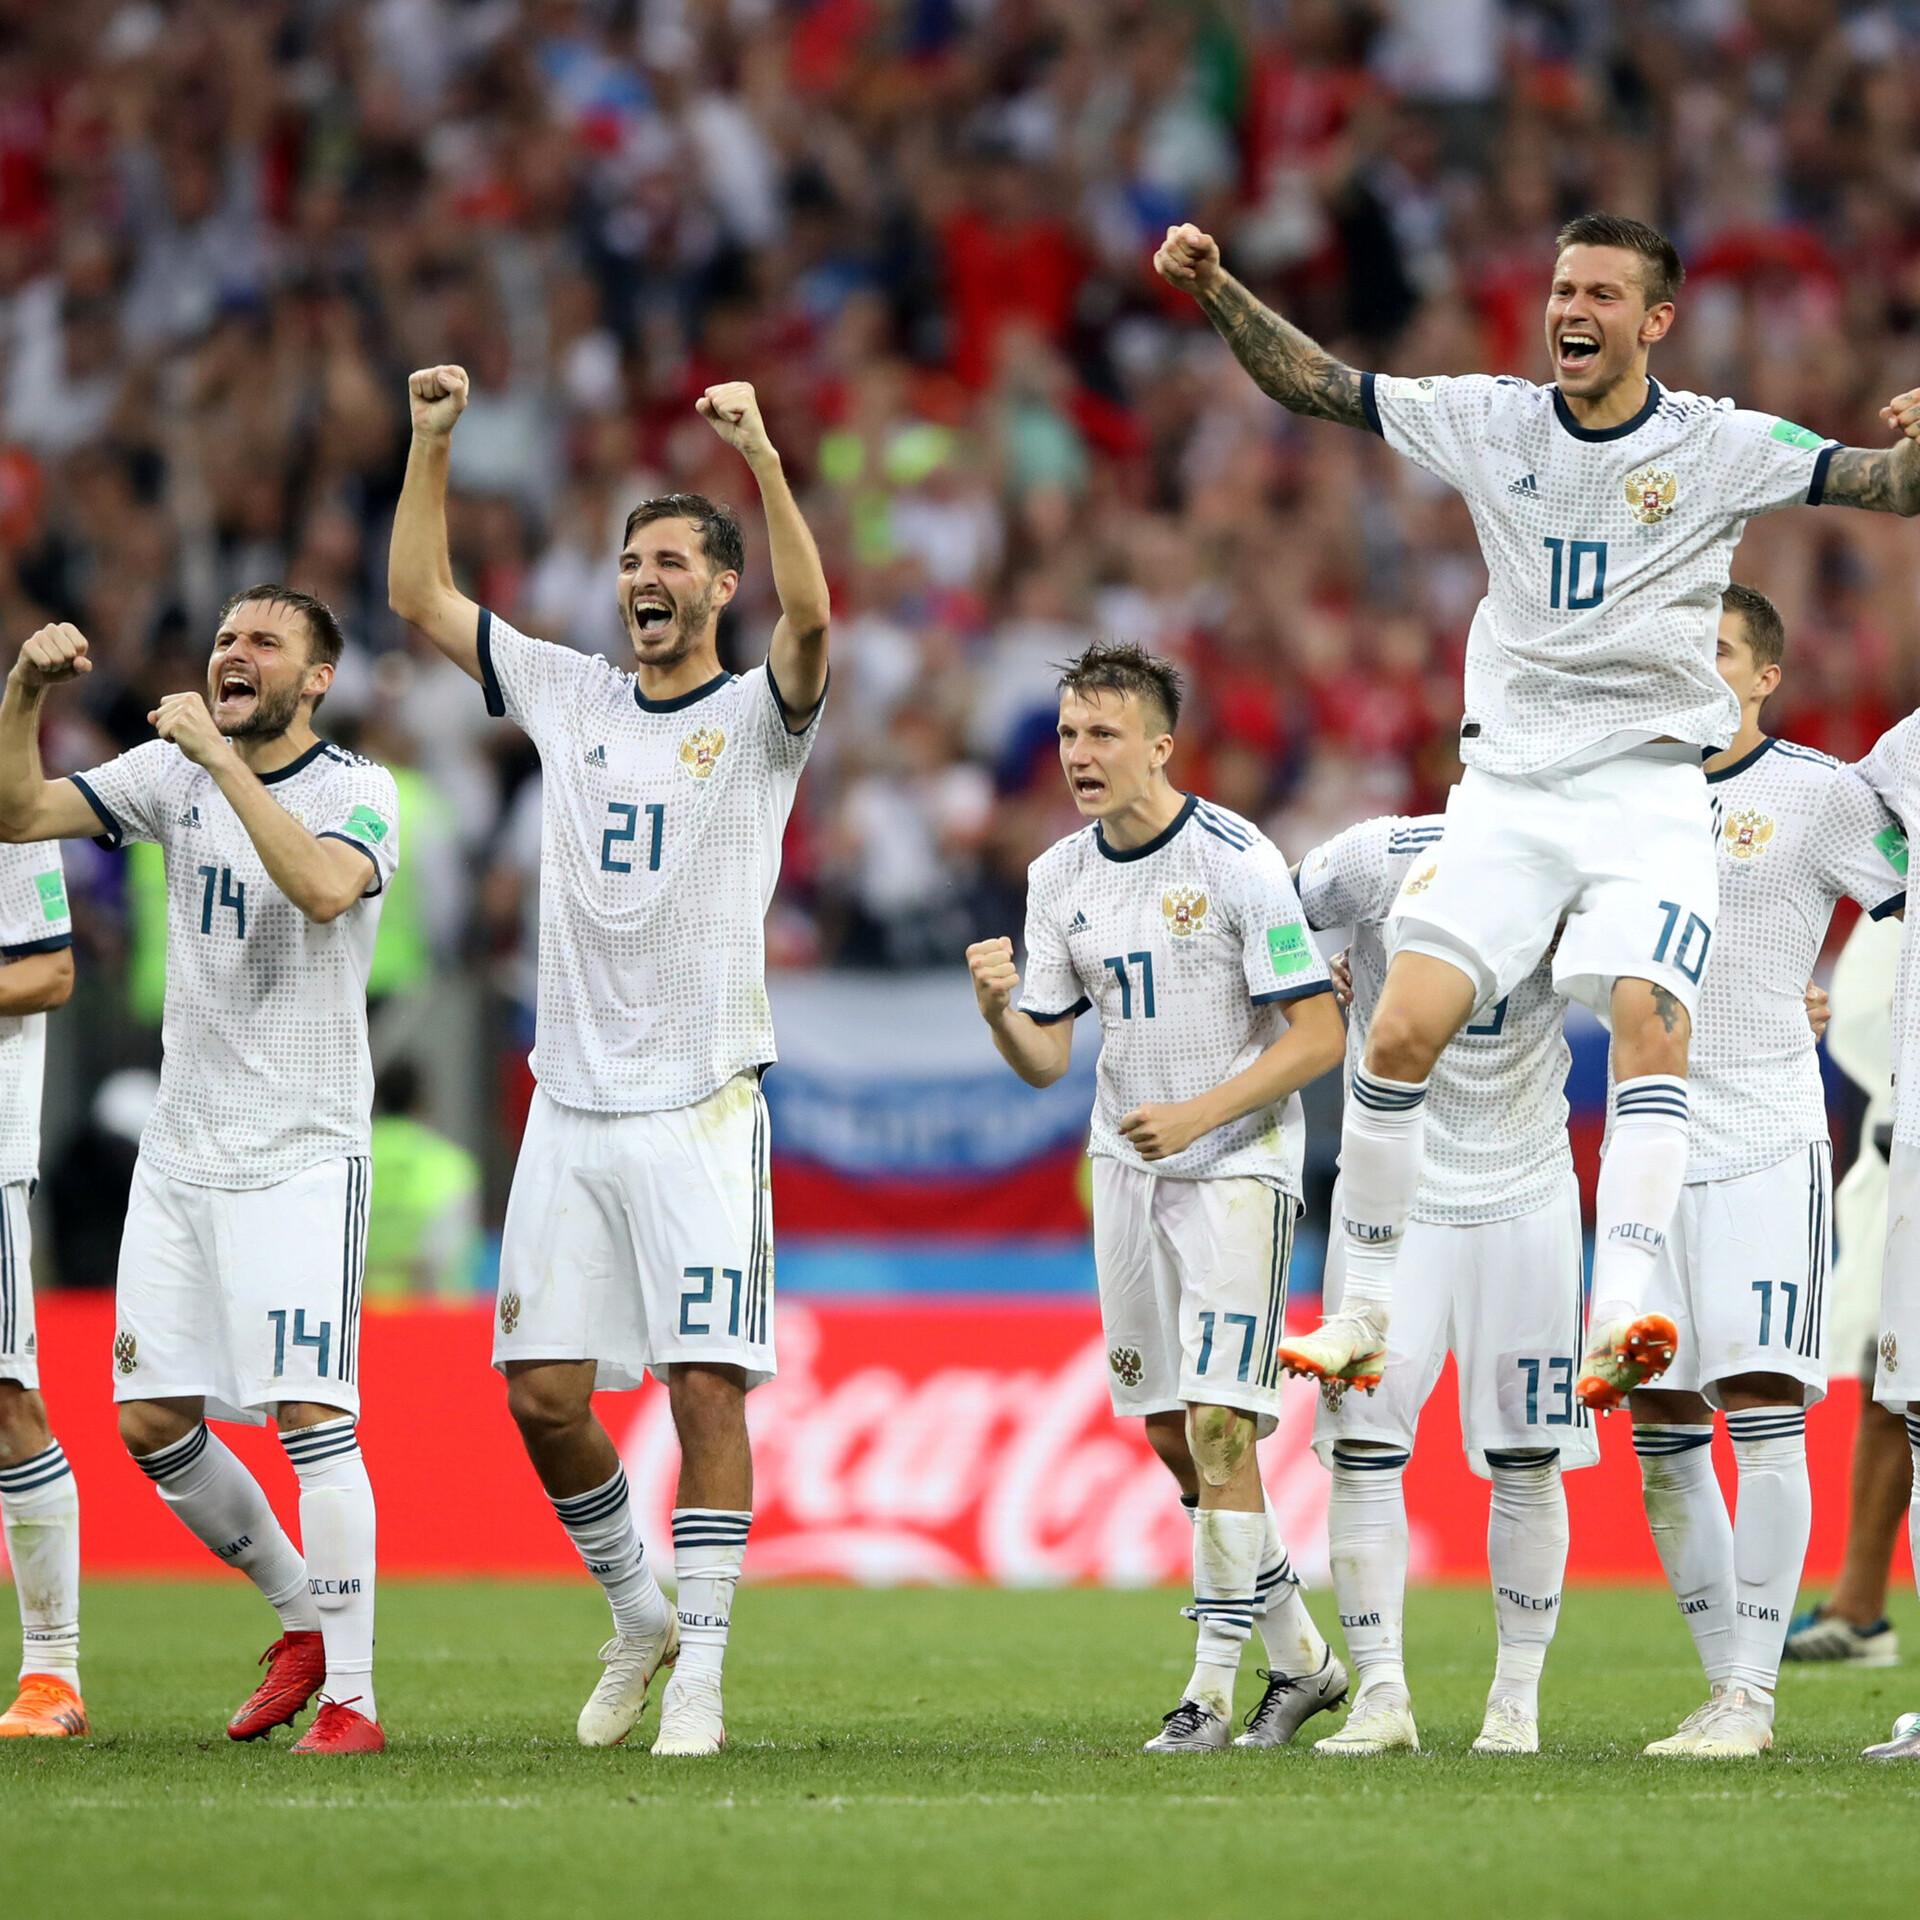 da8d4061ea1 Venemaa lükkas Hispaania penaltiseeria järel konkurentsist | Jalgpalli MM |  ERR